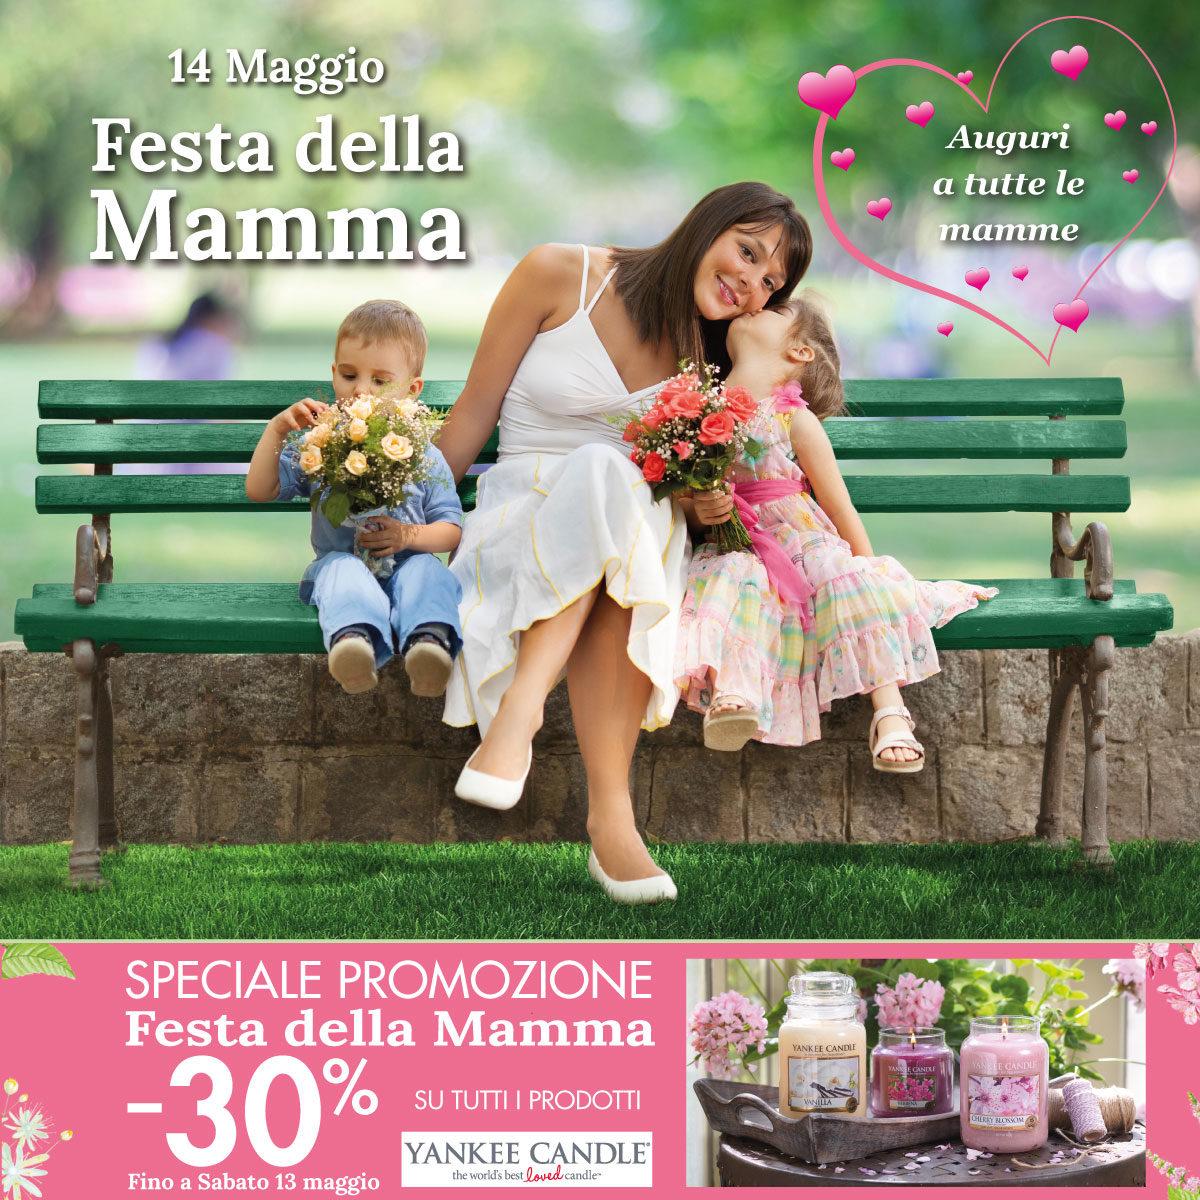 Festa_Mamma_1200x1200